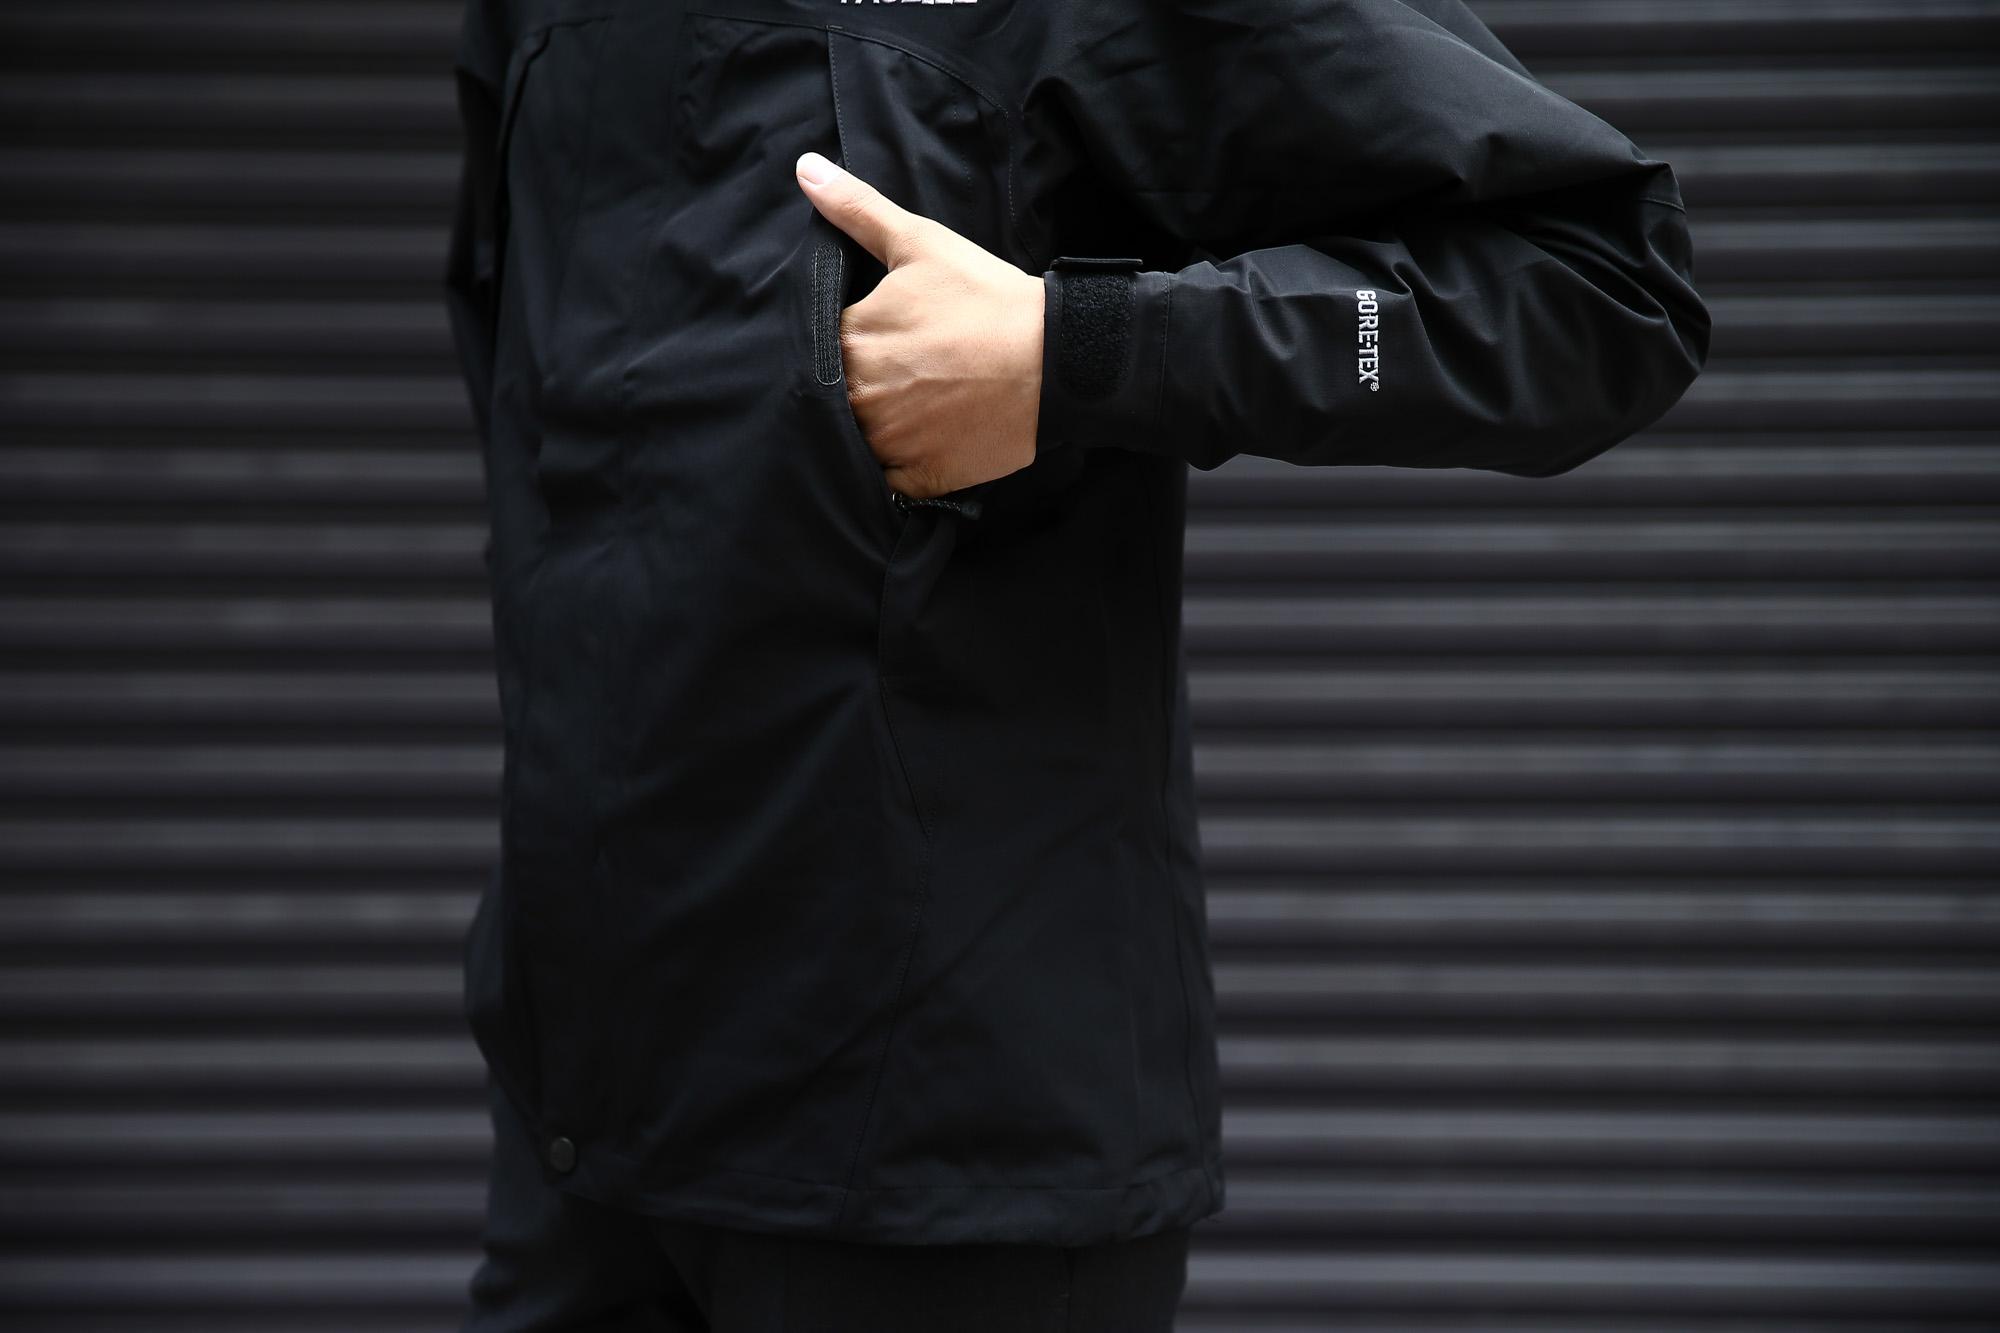 THE NORTH FACE (ザ・ノースフェイス) Mountain Jacket (マウンテンジャケット) GORE-TEX ゴアテックスジャケット 防水シェルジャケット マウンテンパーカー BLACK (ブラック・K)【NP61540/K】2016 秋冬新作 のコーディネート画像。S,M,L,XL 愛知 名古屋 Alto e Diritto アルト エ デリット マウンパ シェル ノースフェイス